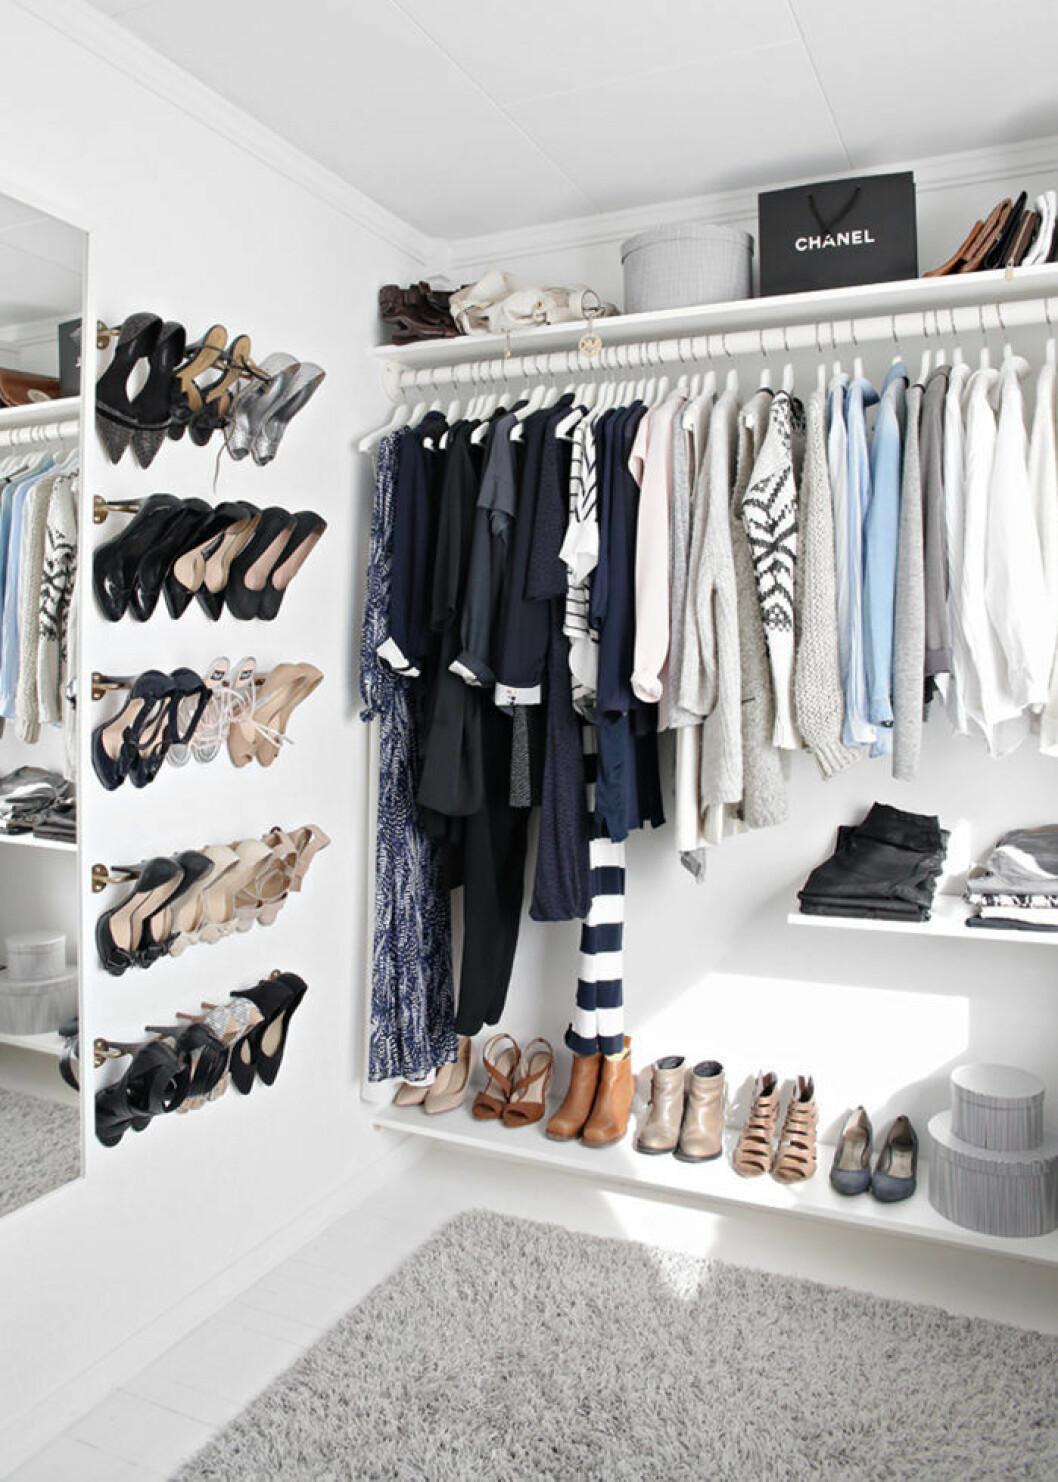 Öppen garderob, walk in closet med skor på väggfästen